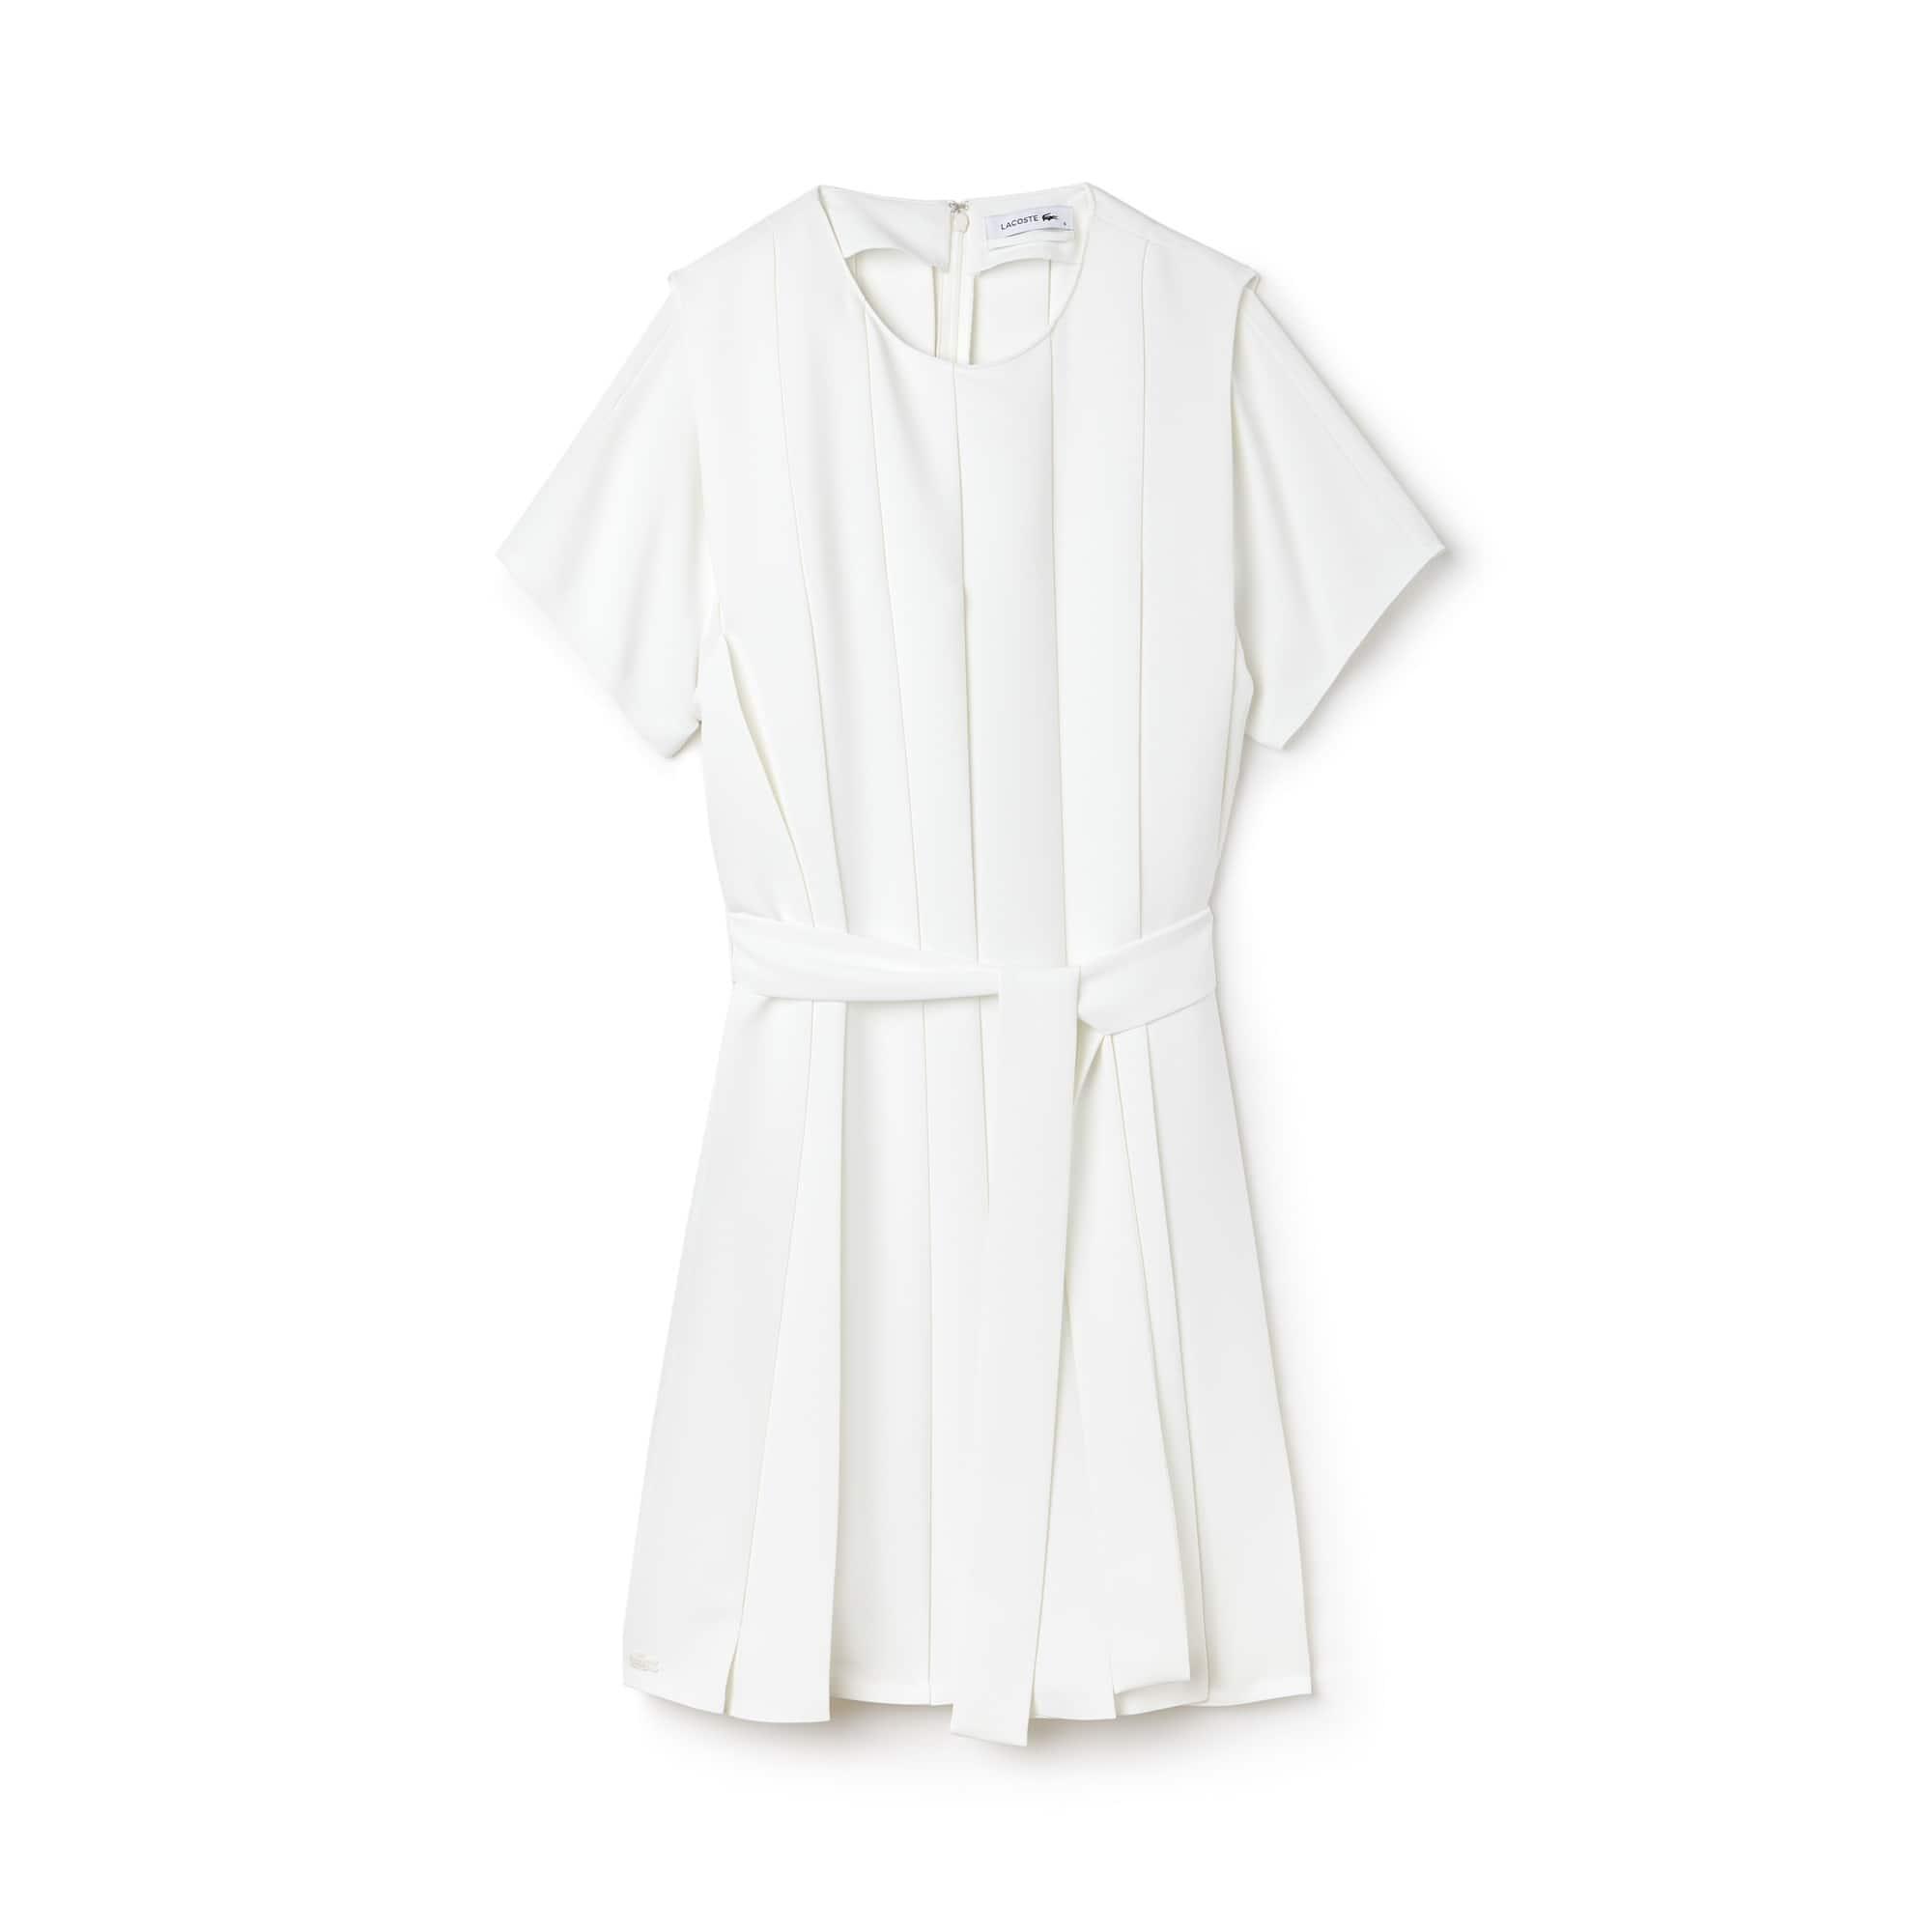 라코스테 Lacoste Womens Pleated Crepe Dress,CAKE FLOUR WHITE